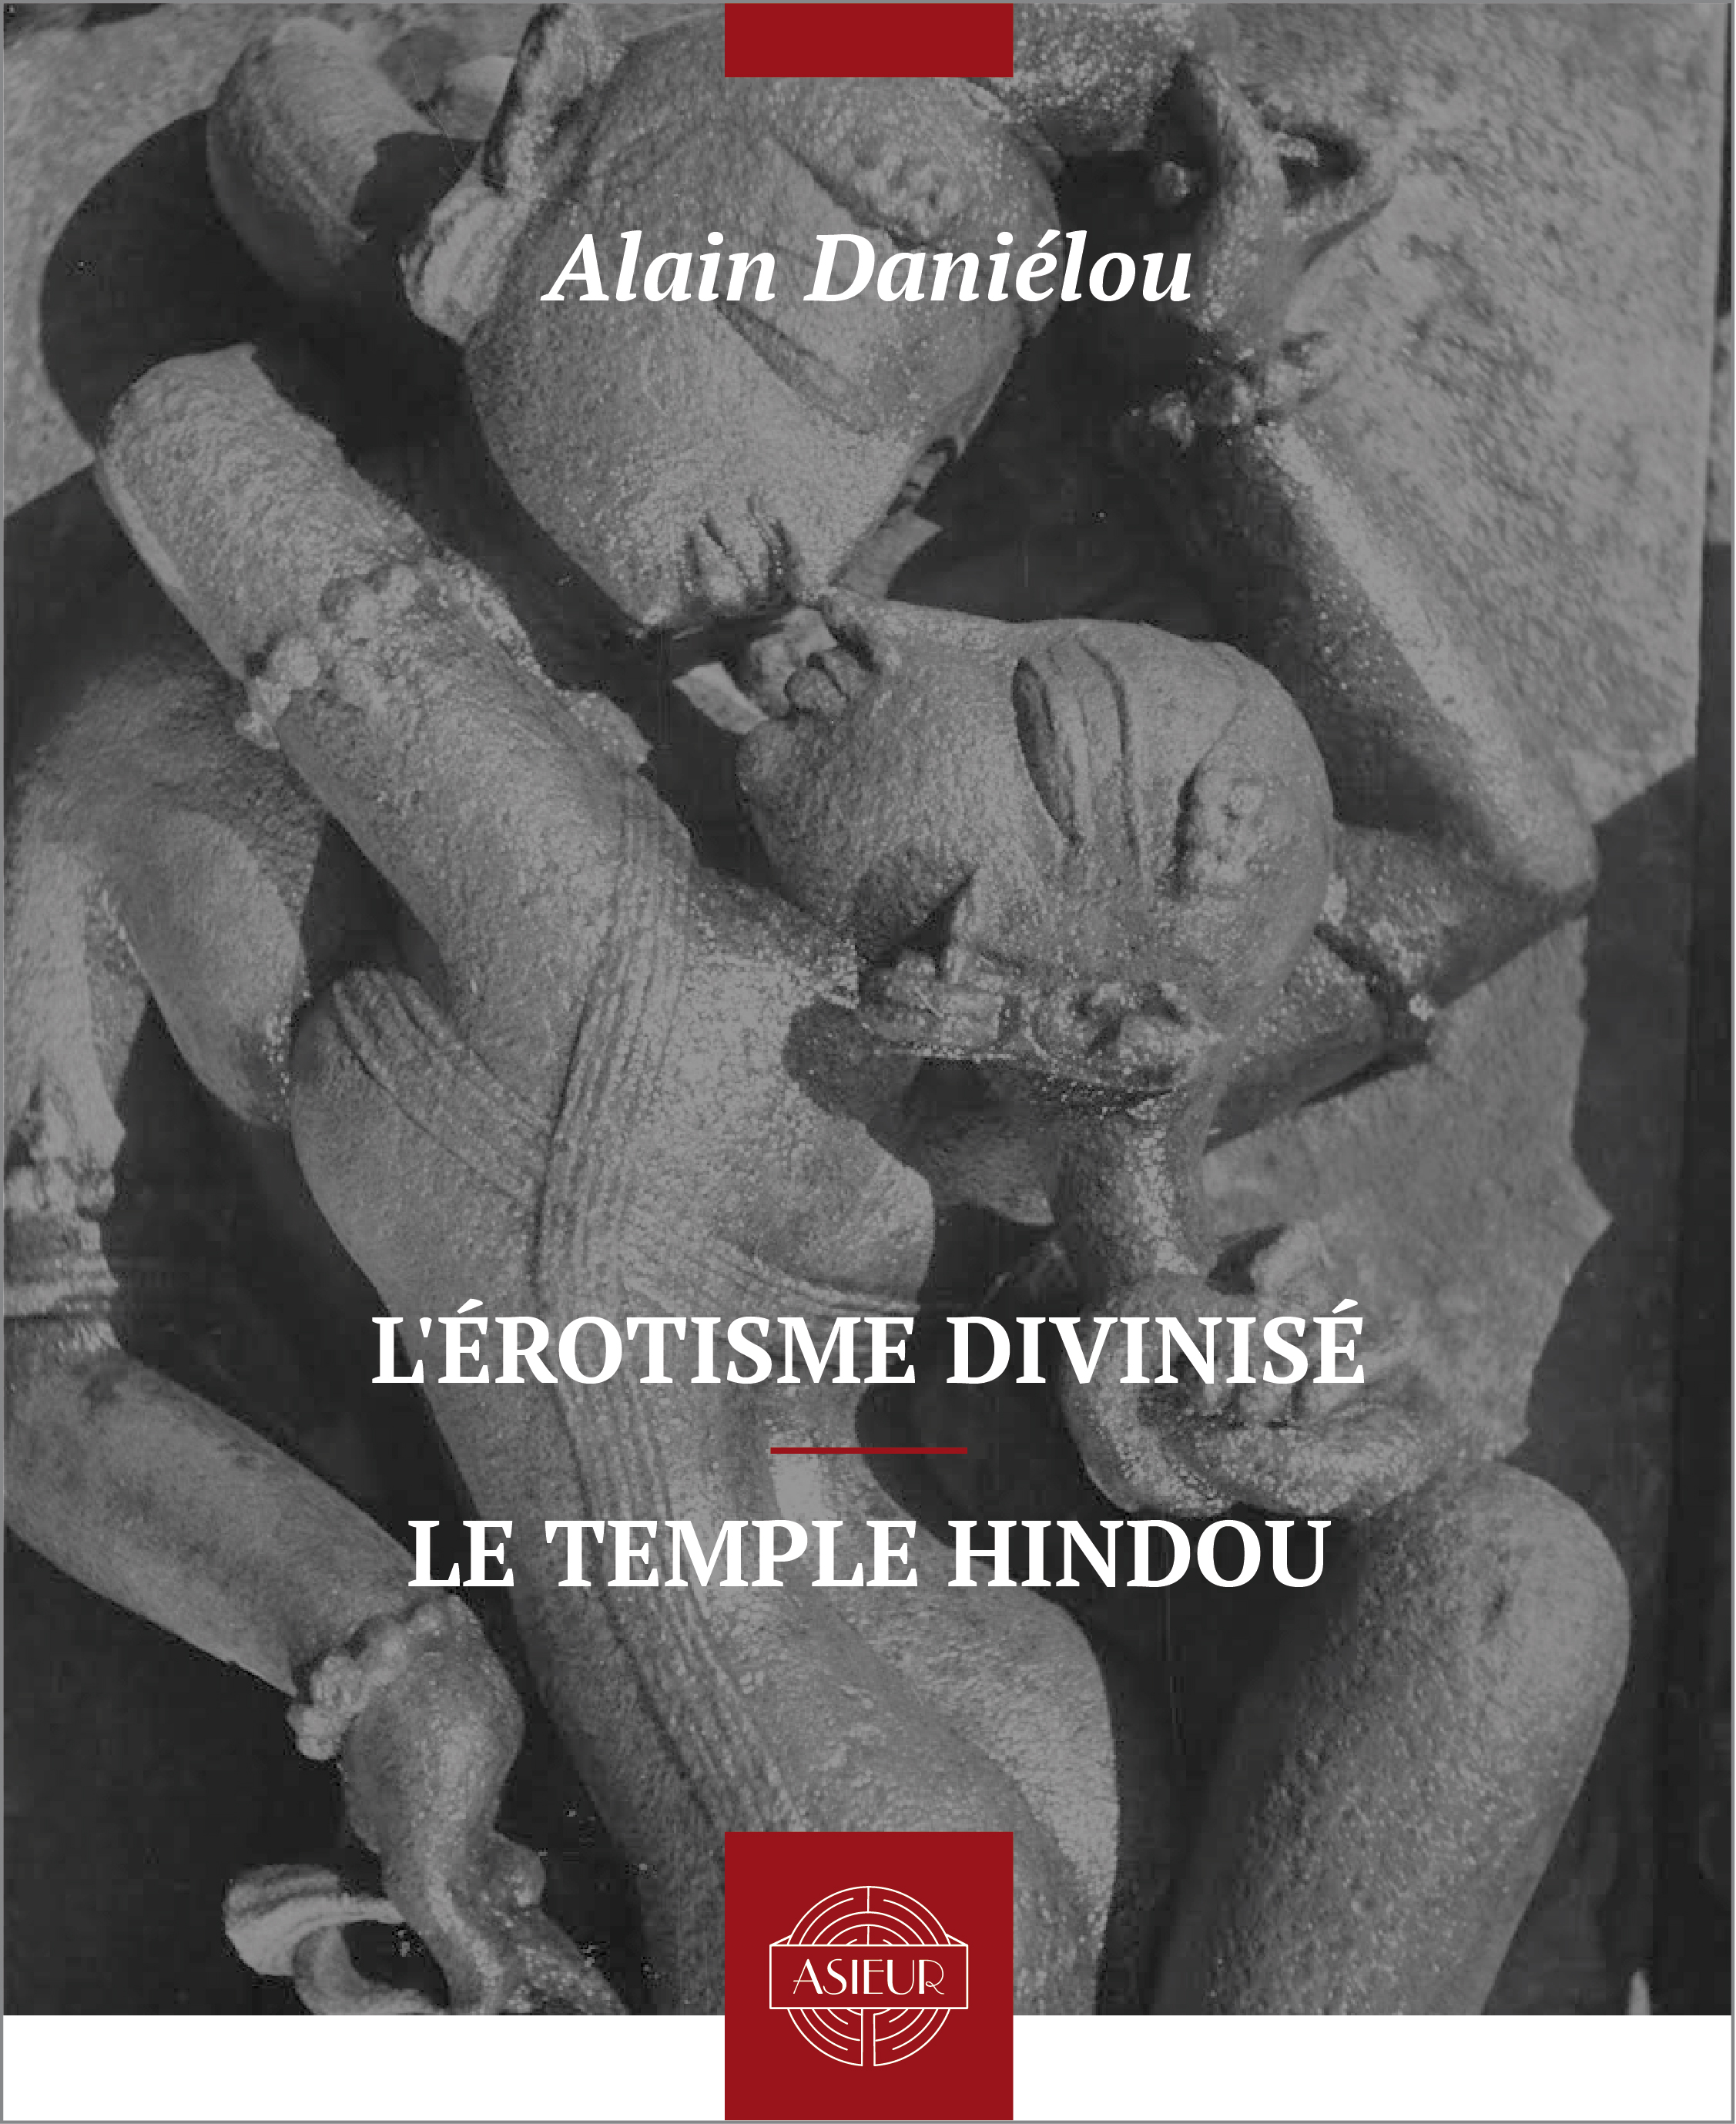 L'érotisme divinisé - Le temple hindou